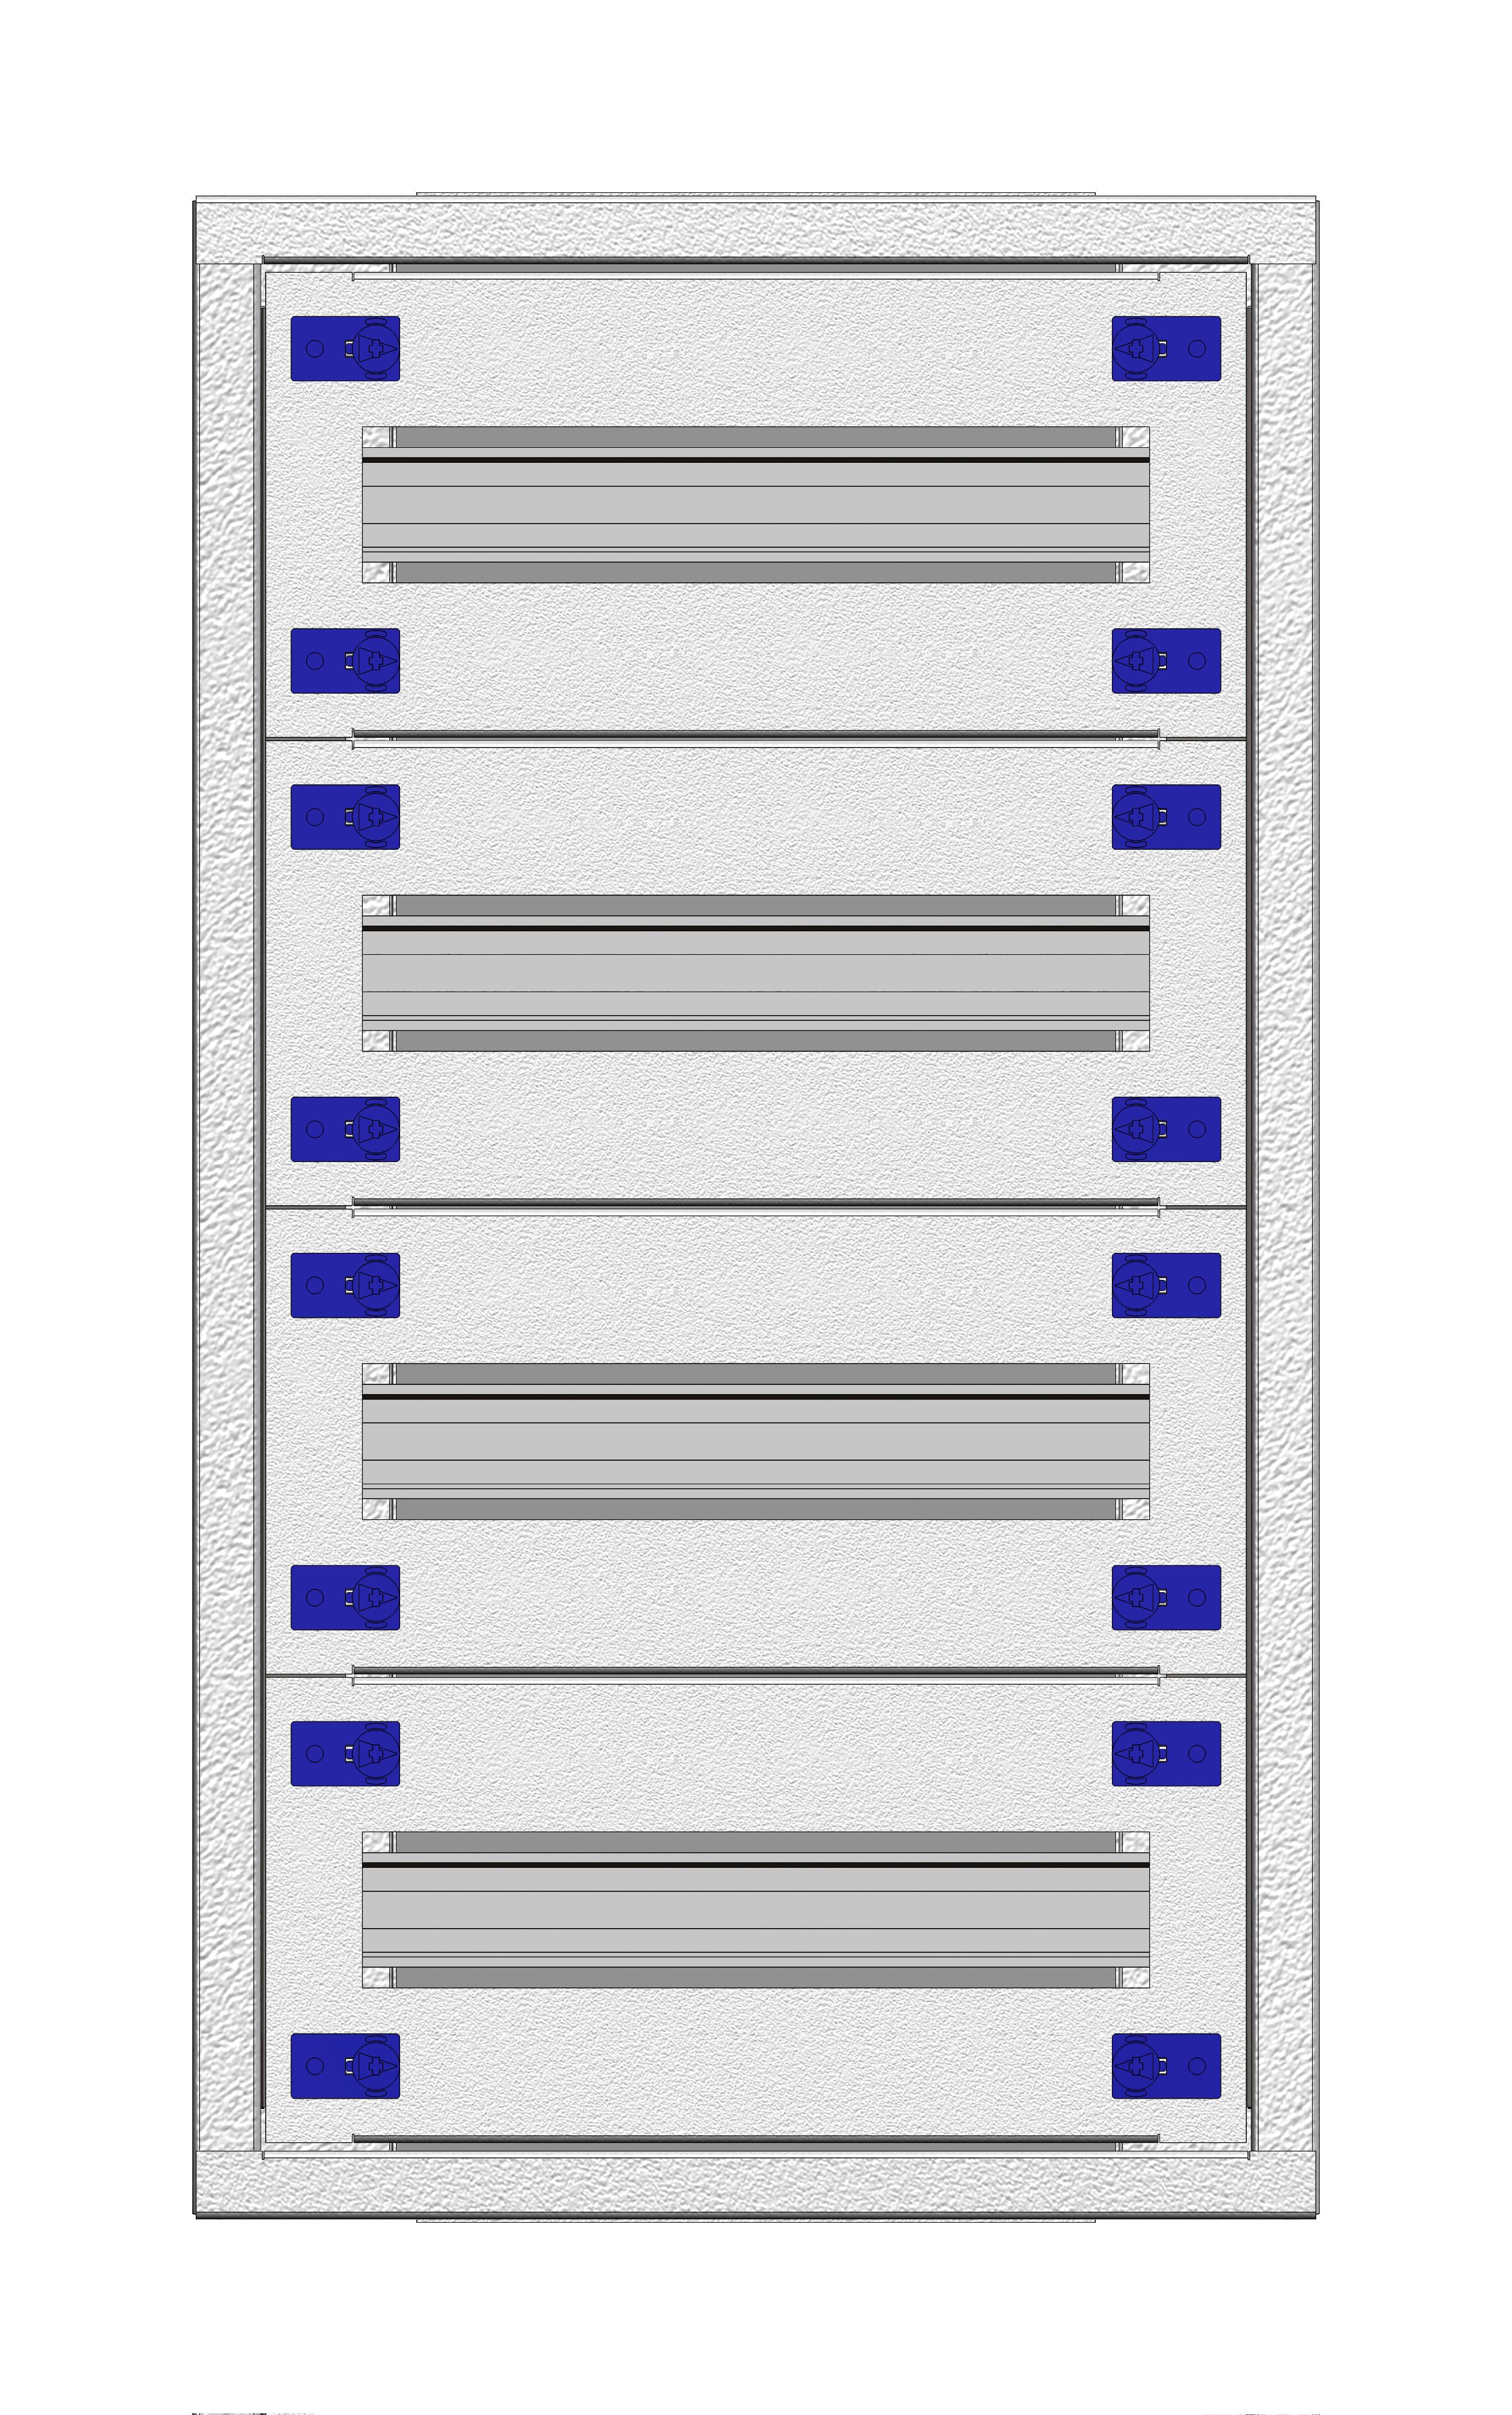 1 Stk Aufputz-Installationsverteiler 1A-12L, H640B380T180mm IL172112AK